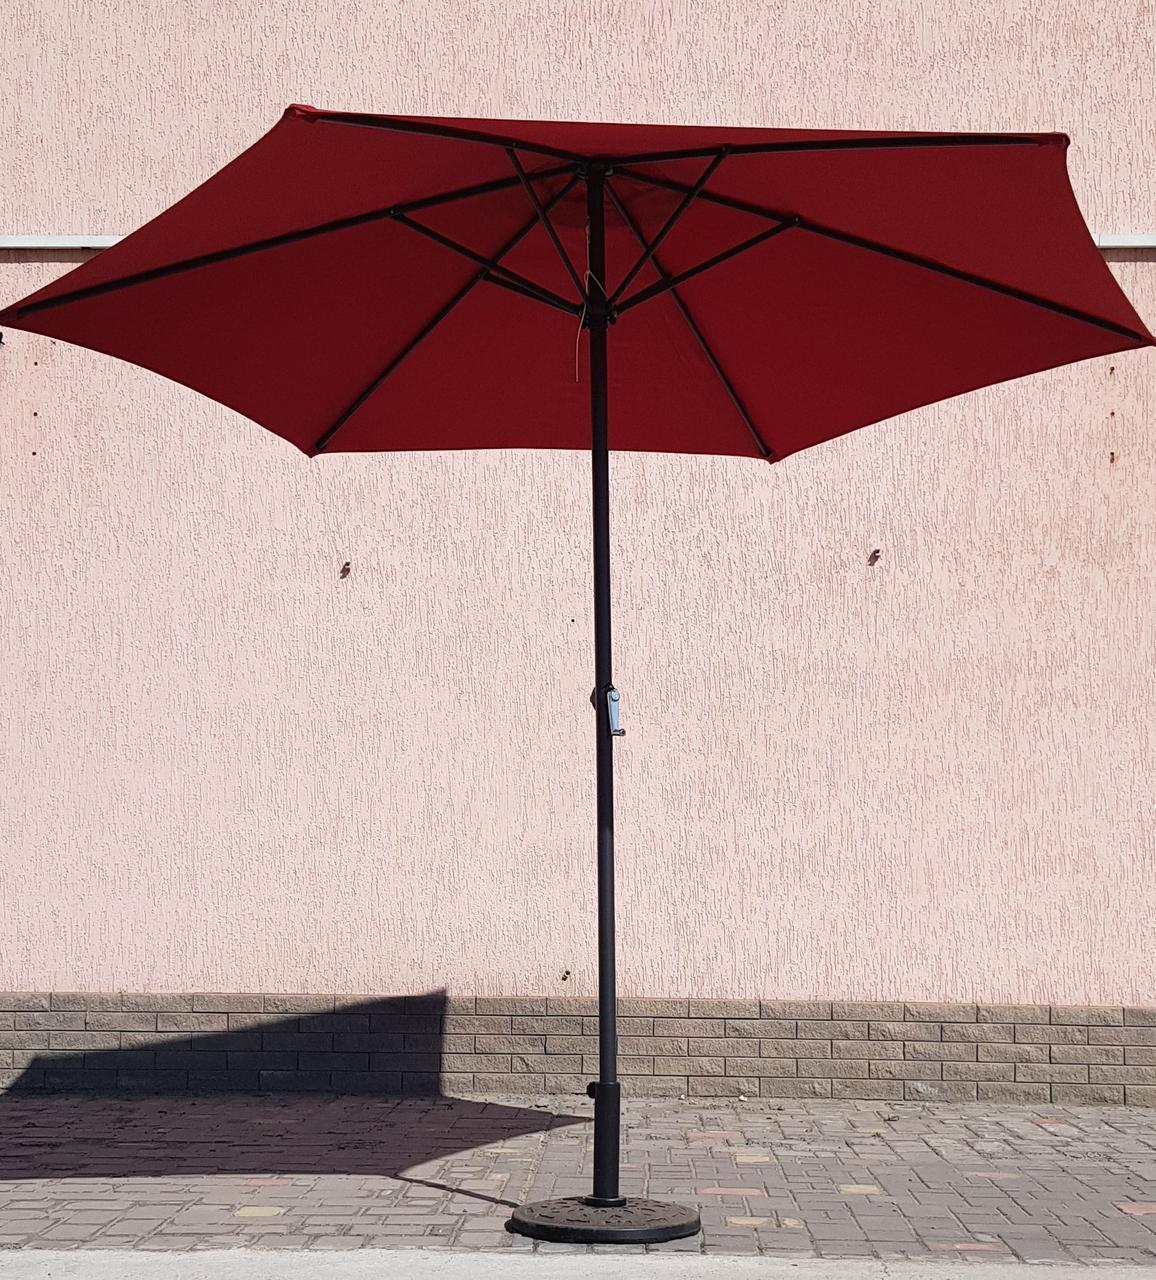 Зонт садовый, торговый, круглый, с клапаном, 2.7 м, мод-126